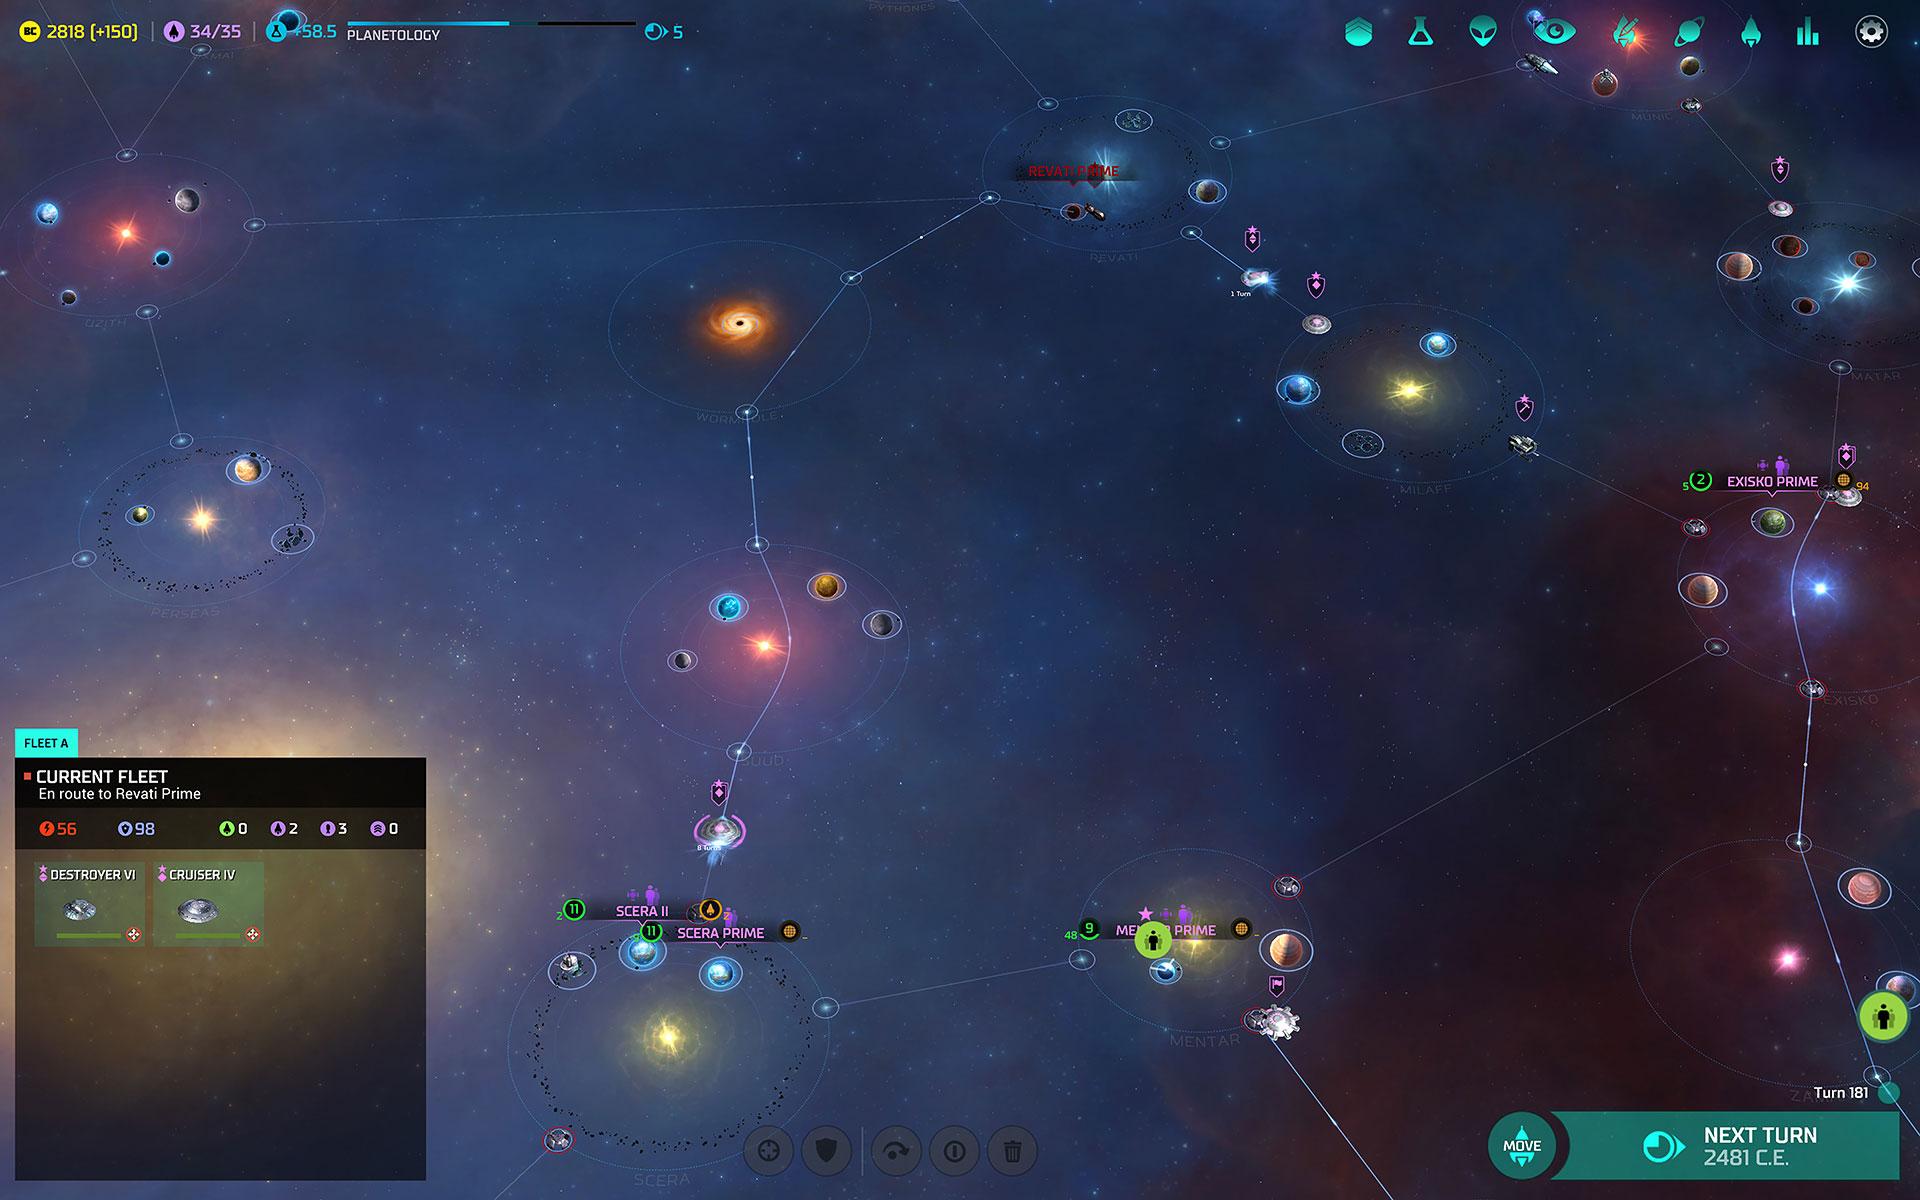 """Die Sternenkarte ist zwar schön bunt, wirkt aber zu beliebig und detailarm: Von einem Strategie-Kaliber wie """"Master of Orion"""" erwartet man 2016 mehr Details und vor allem mehr Sterne!"""